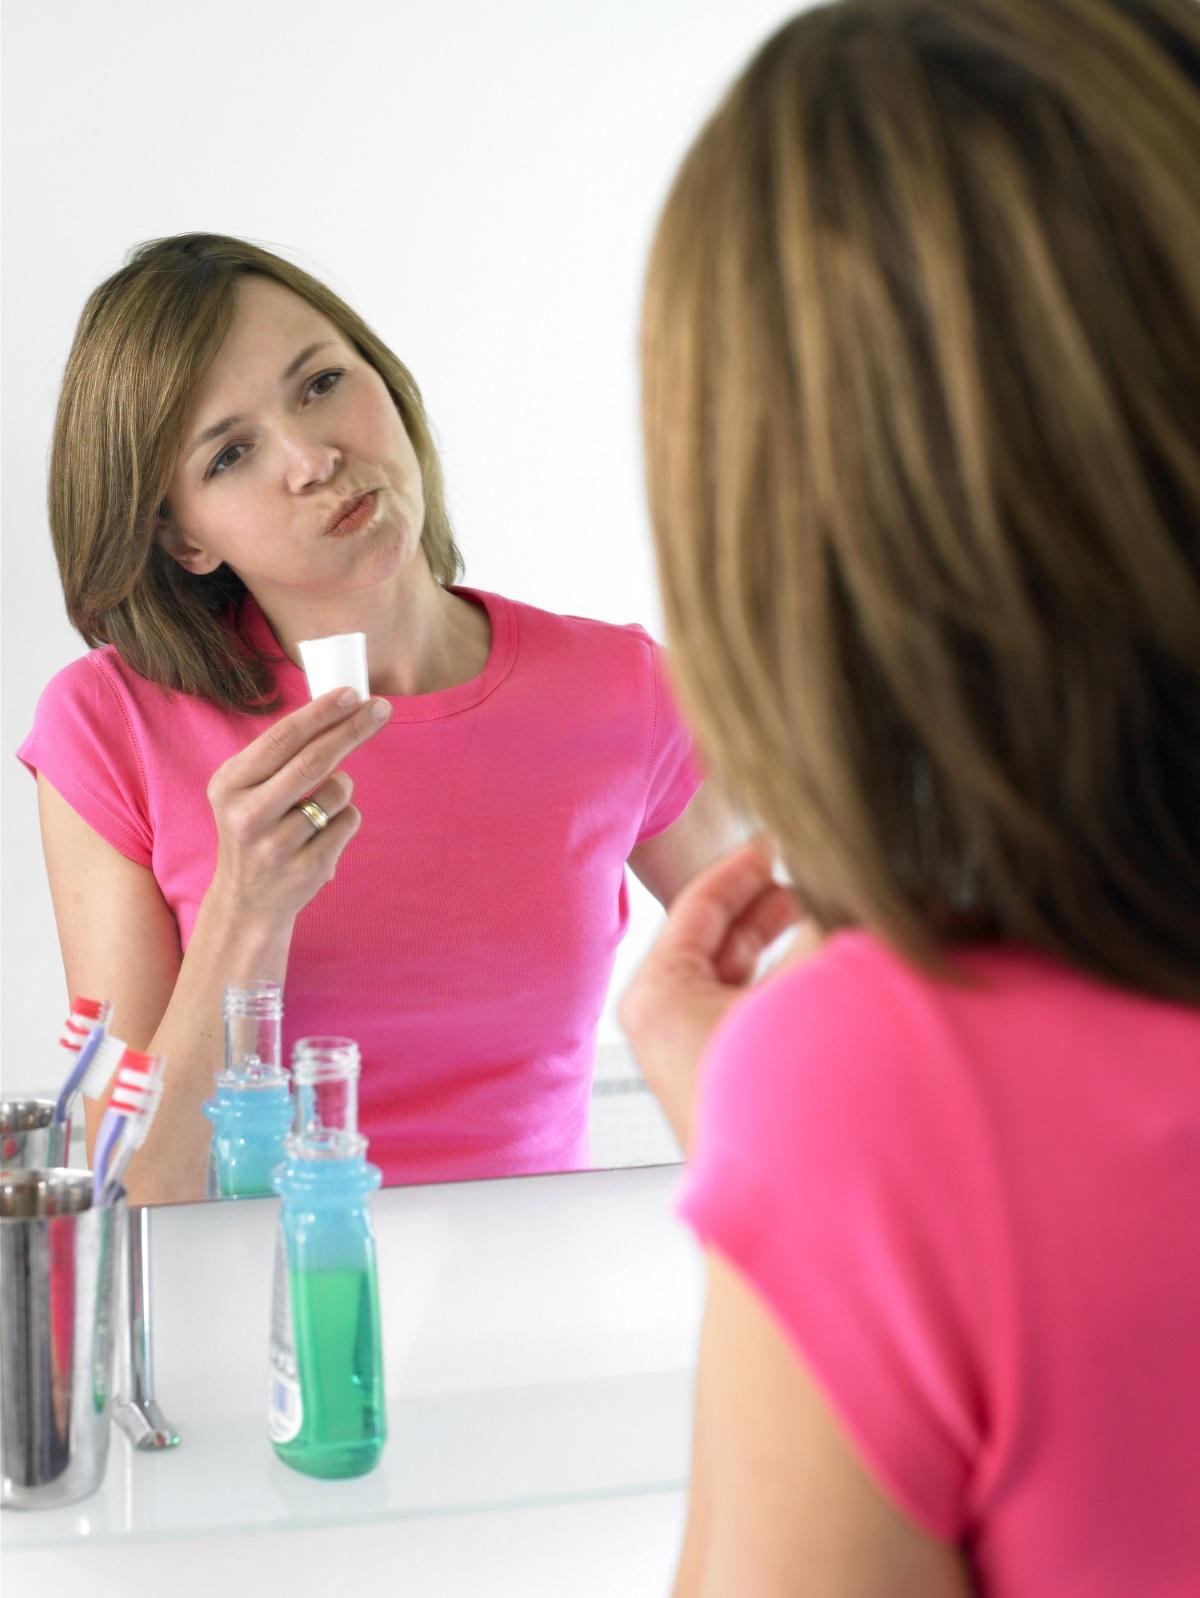 1. Не ползвайте вода за уста преди лягане - Водата за уста е отличен начин да се сдобиете със свеж дъх сутрин, но не е добра идея да я използвате преди да си легнете. Тя може да изсуши устата ви, което спомага за появата на бактерии и лоша миризма.